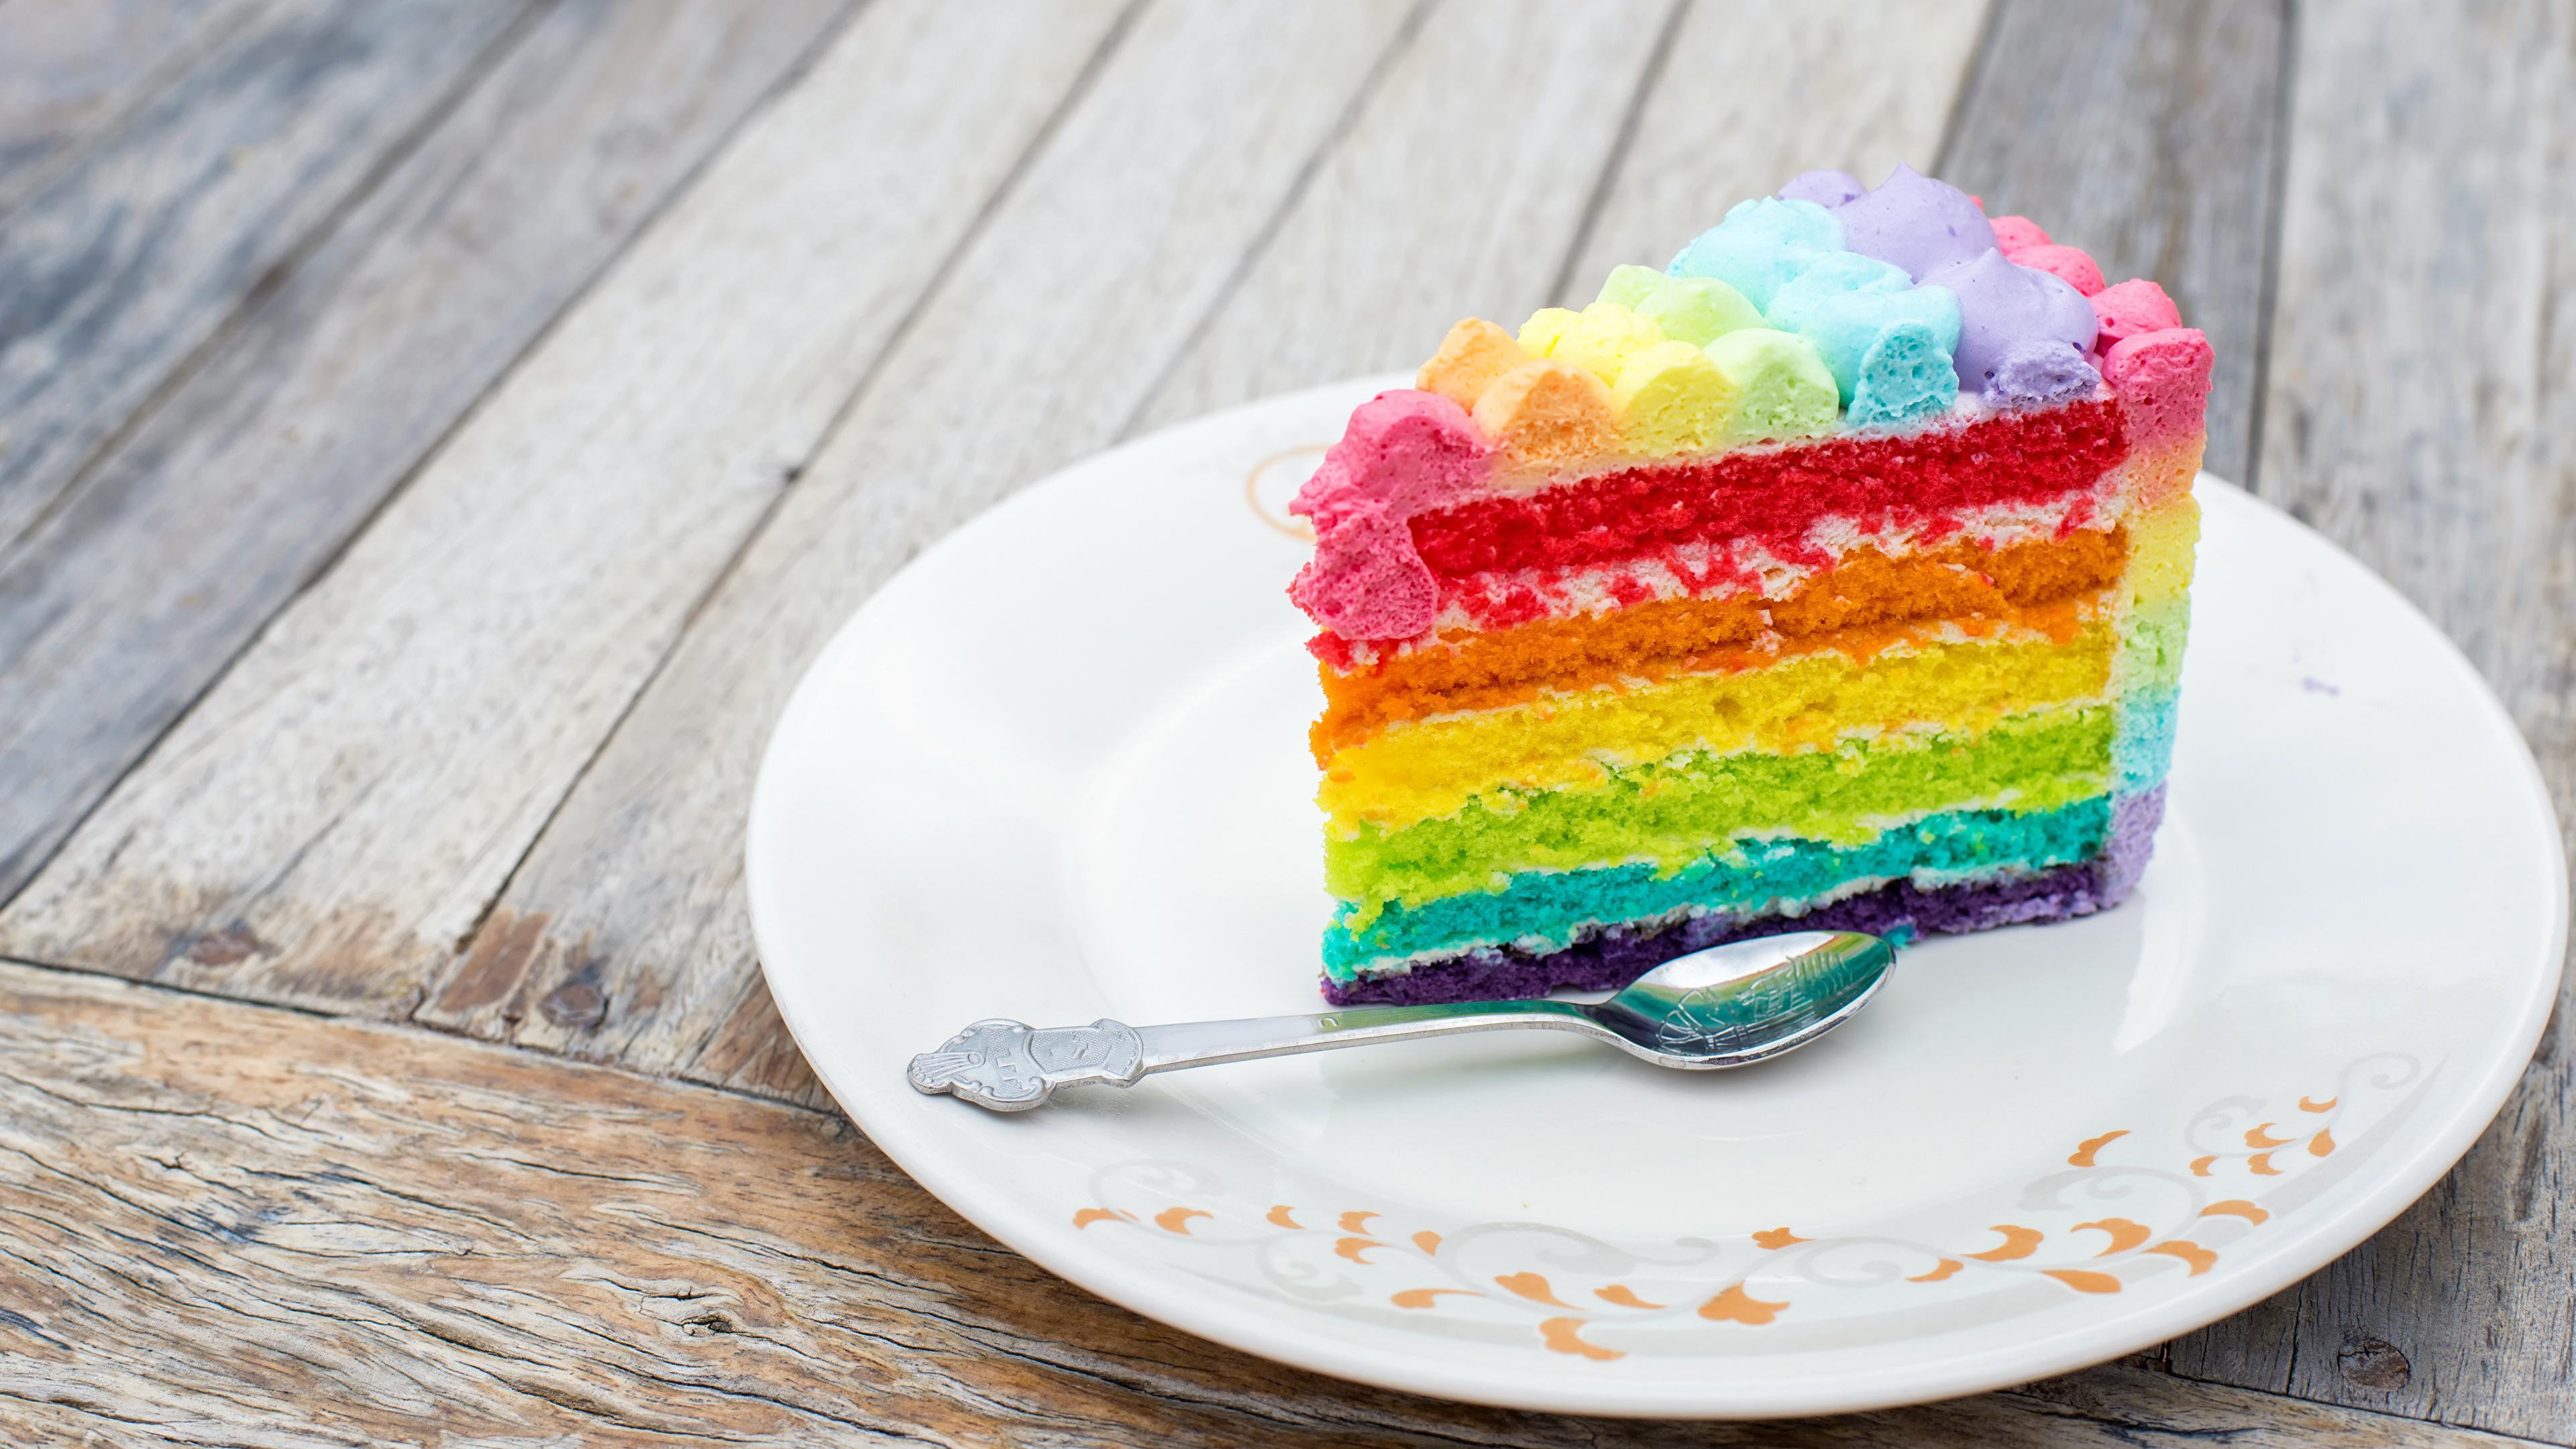 Картинка Разноцветные Торты кусочек Еда Ложка Тарелка 3840x2160 часть Кусок кусочки Пища ложки тарелке Продукты питания